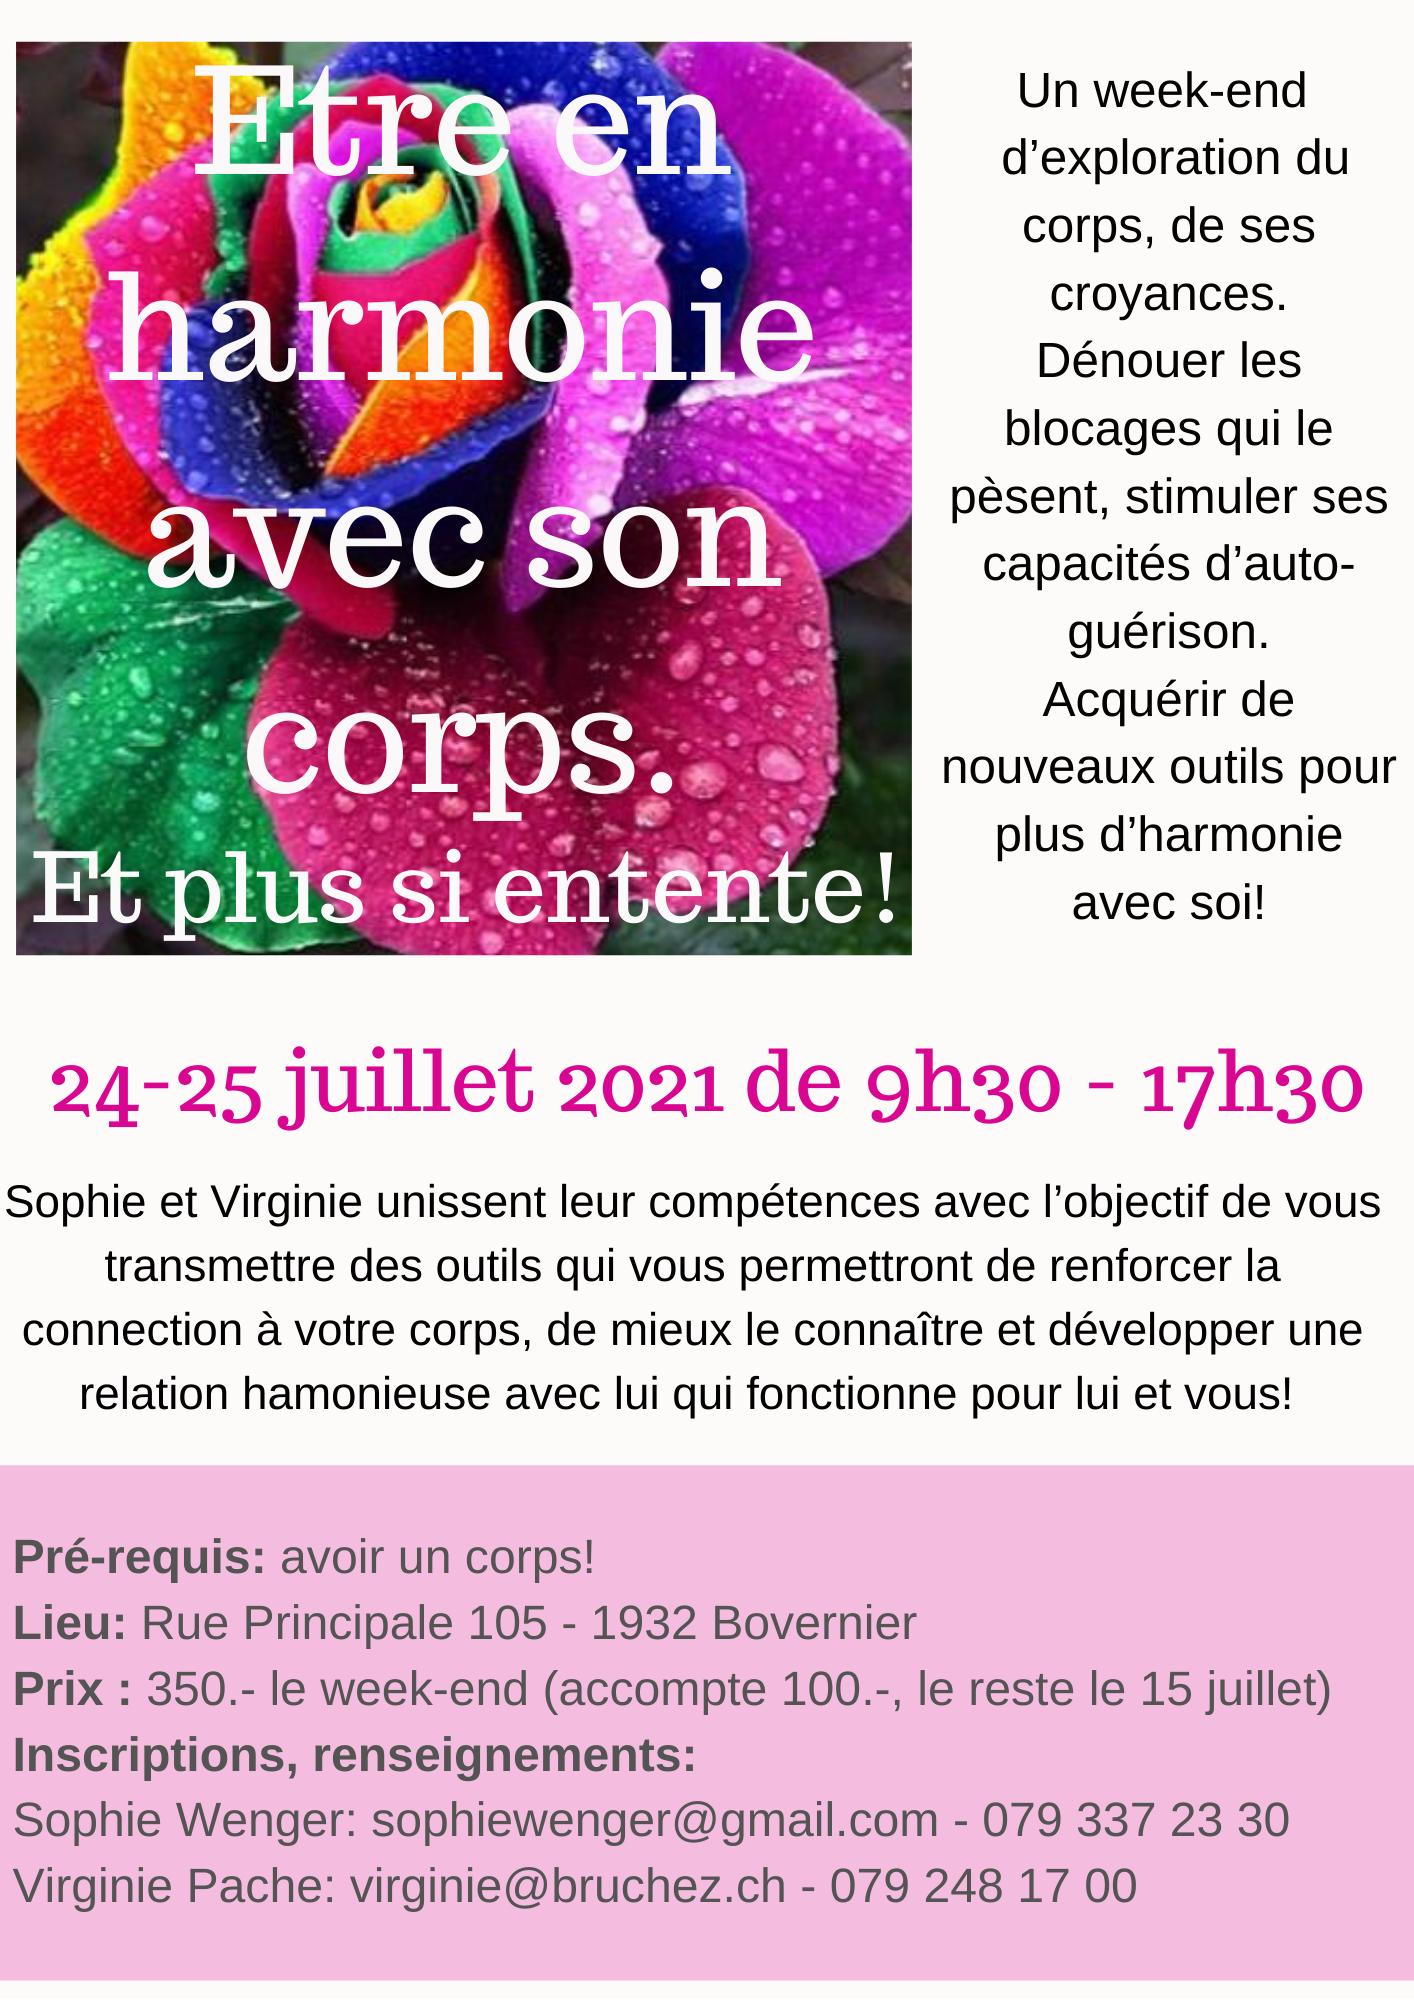 Etre en harmonie avec son corps - Virginie Pache - Les Sablons 5 - 1932 Bovernier - www.etiopsychologie.ch